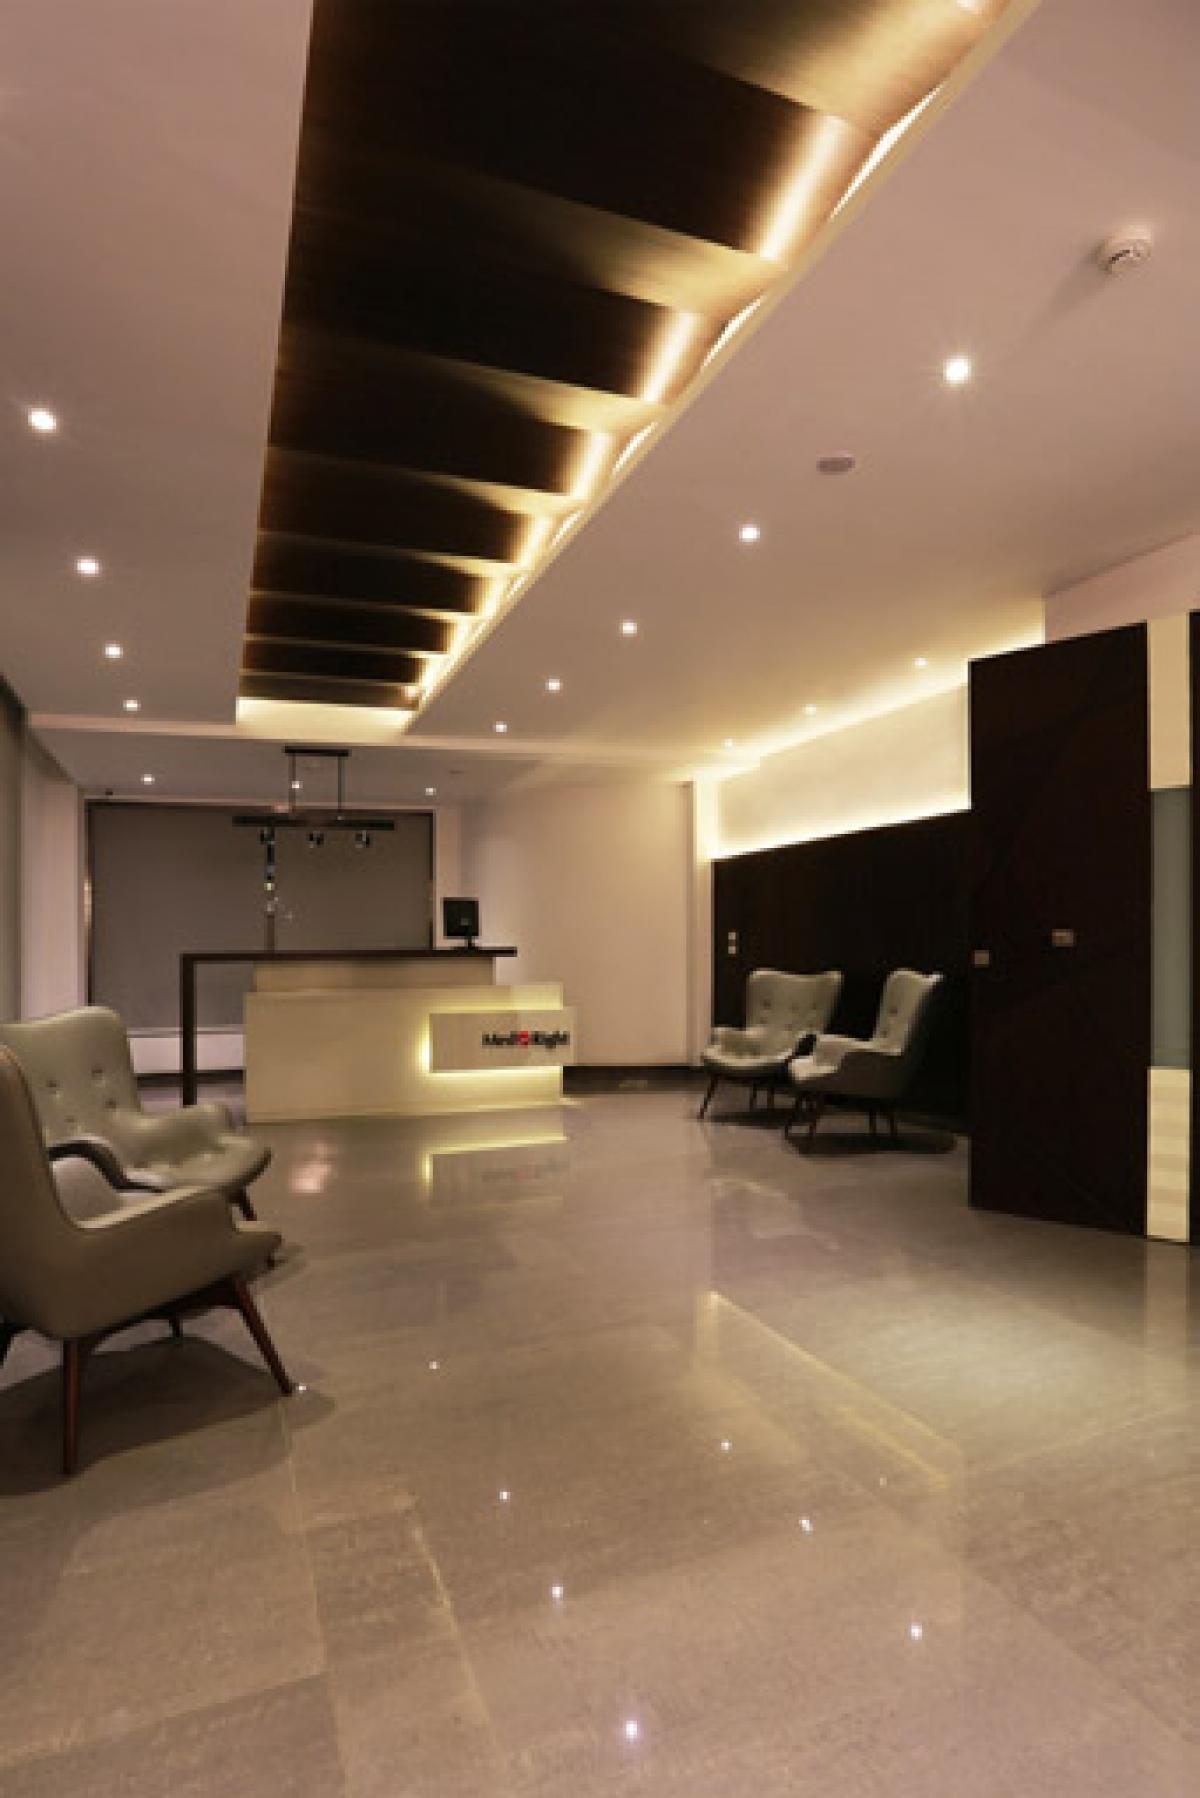 MedRight Reception | Hazem Hassan Designs